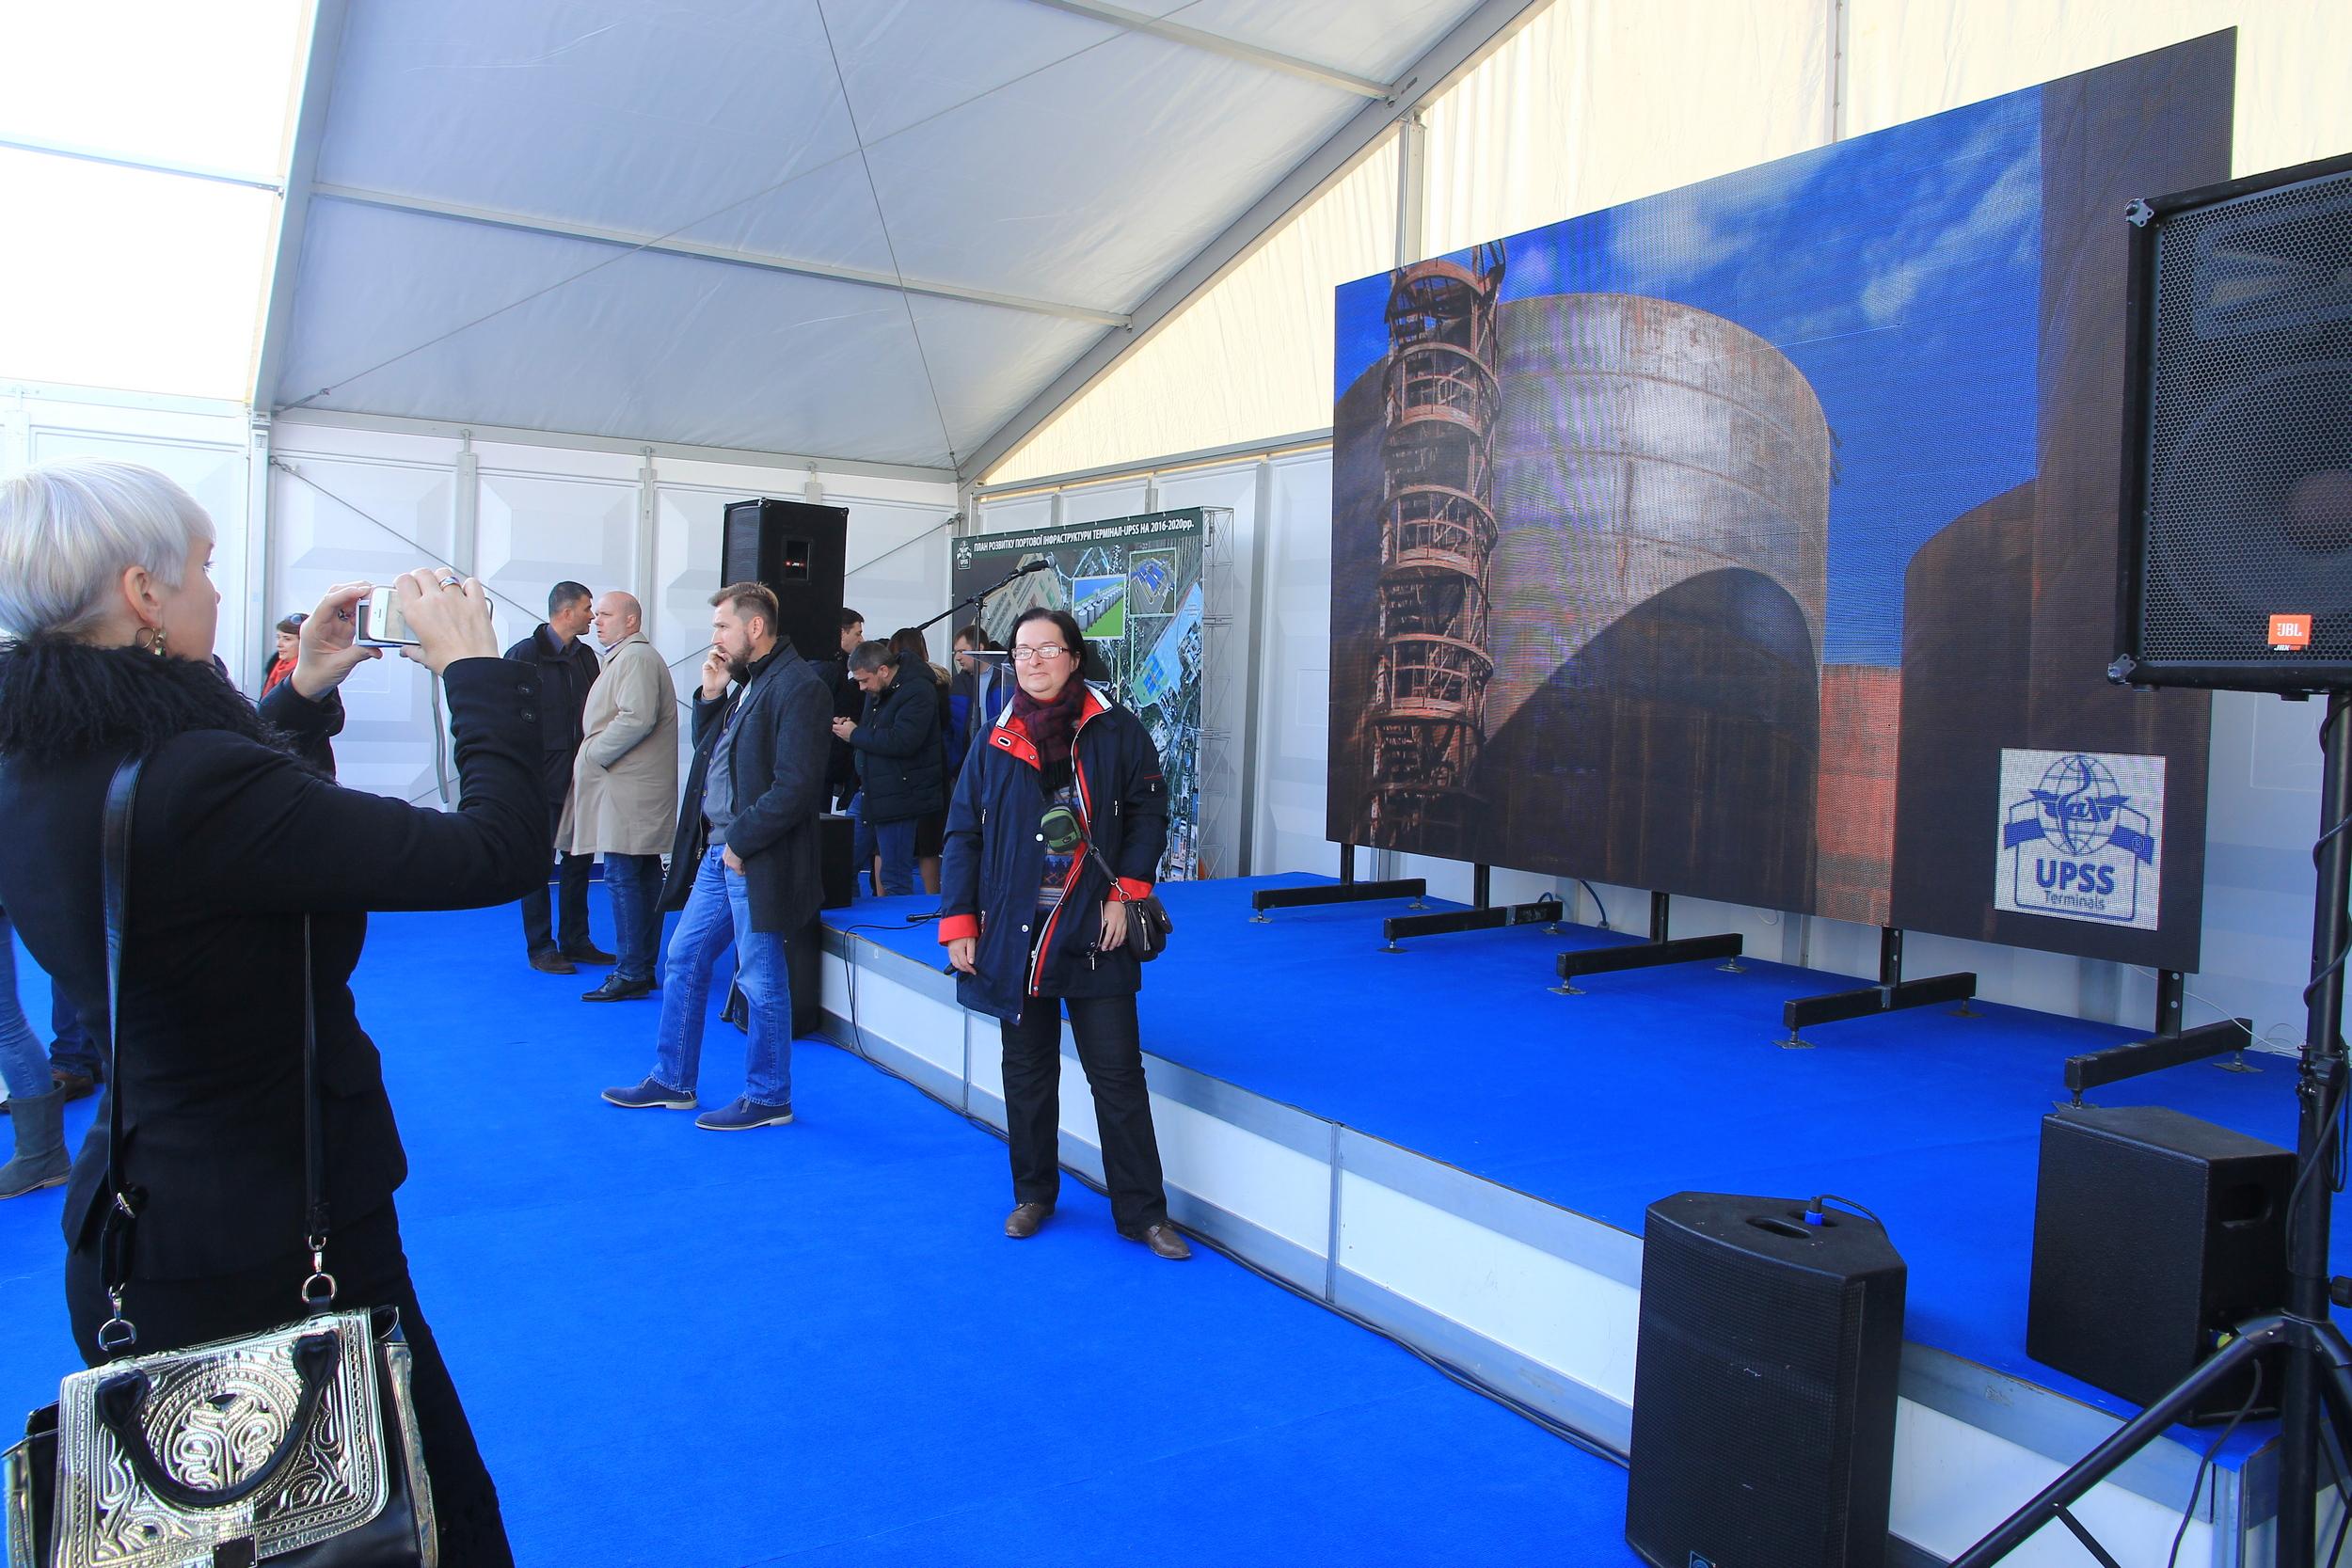 Гости официального открытия терминала UPSS в фото-зоне